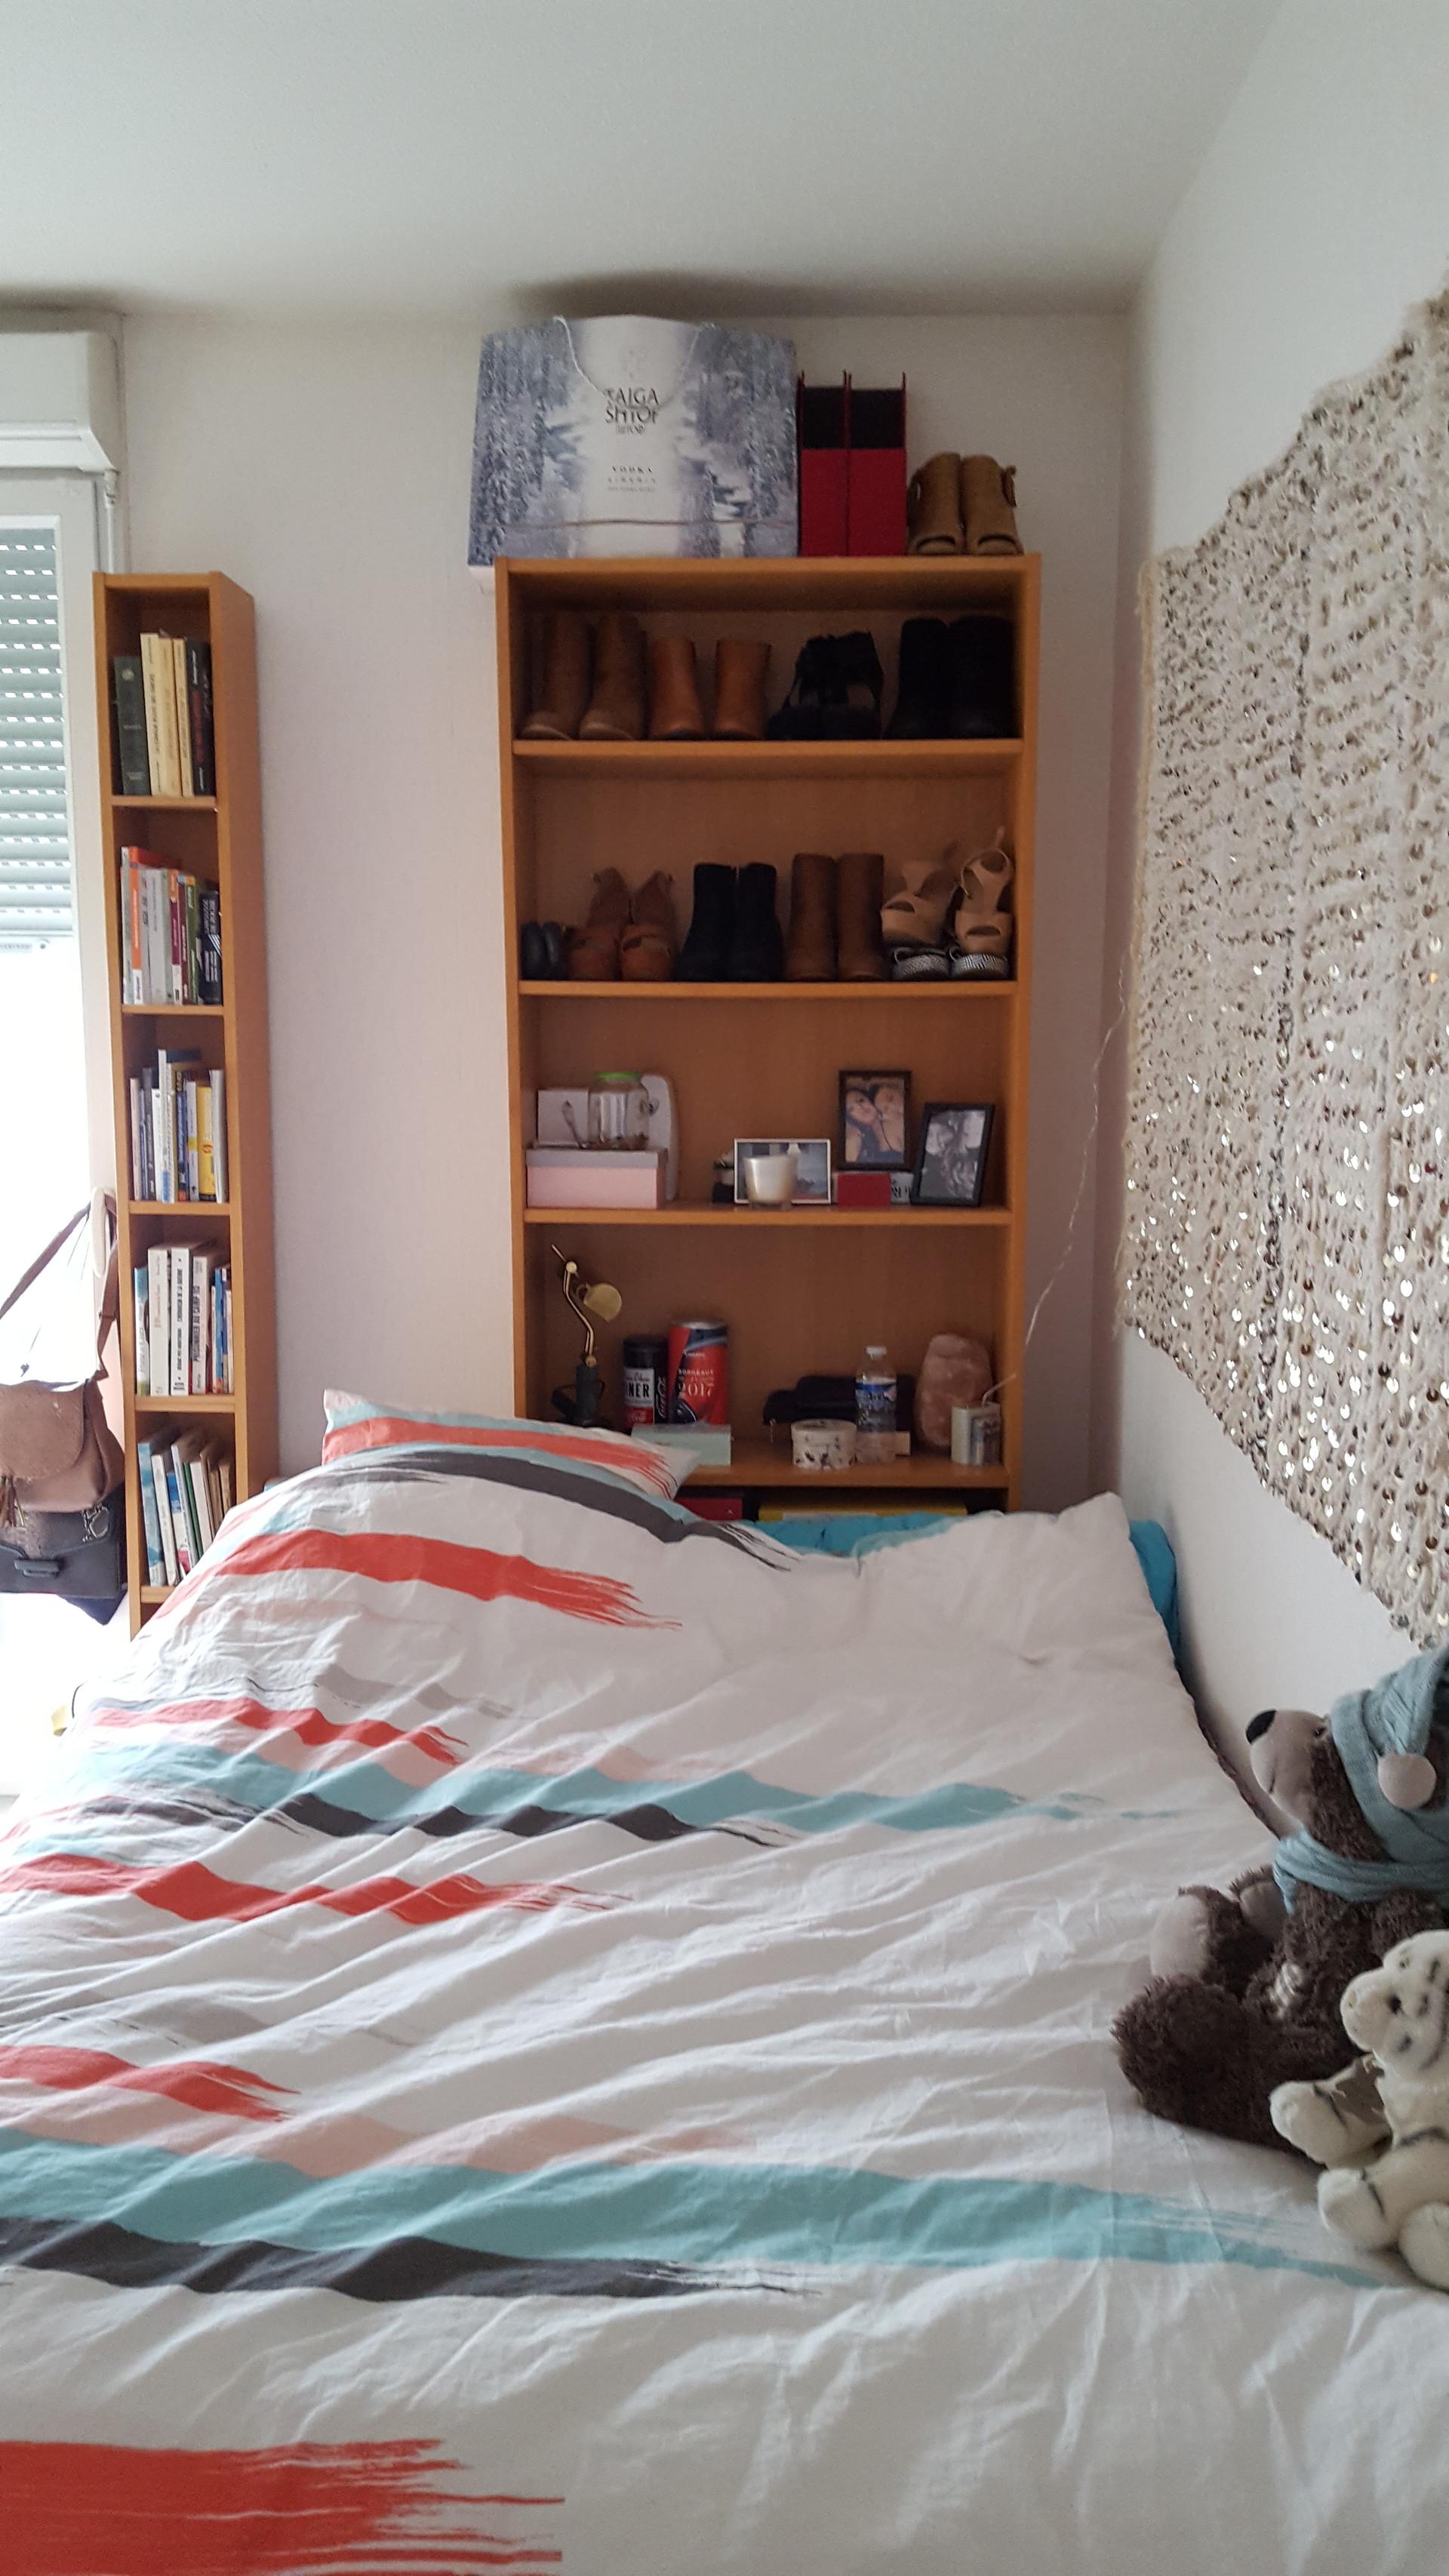 Chambre sur bordeaux location chambres bordeaux for Location bordeaux 4 chambres